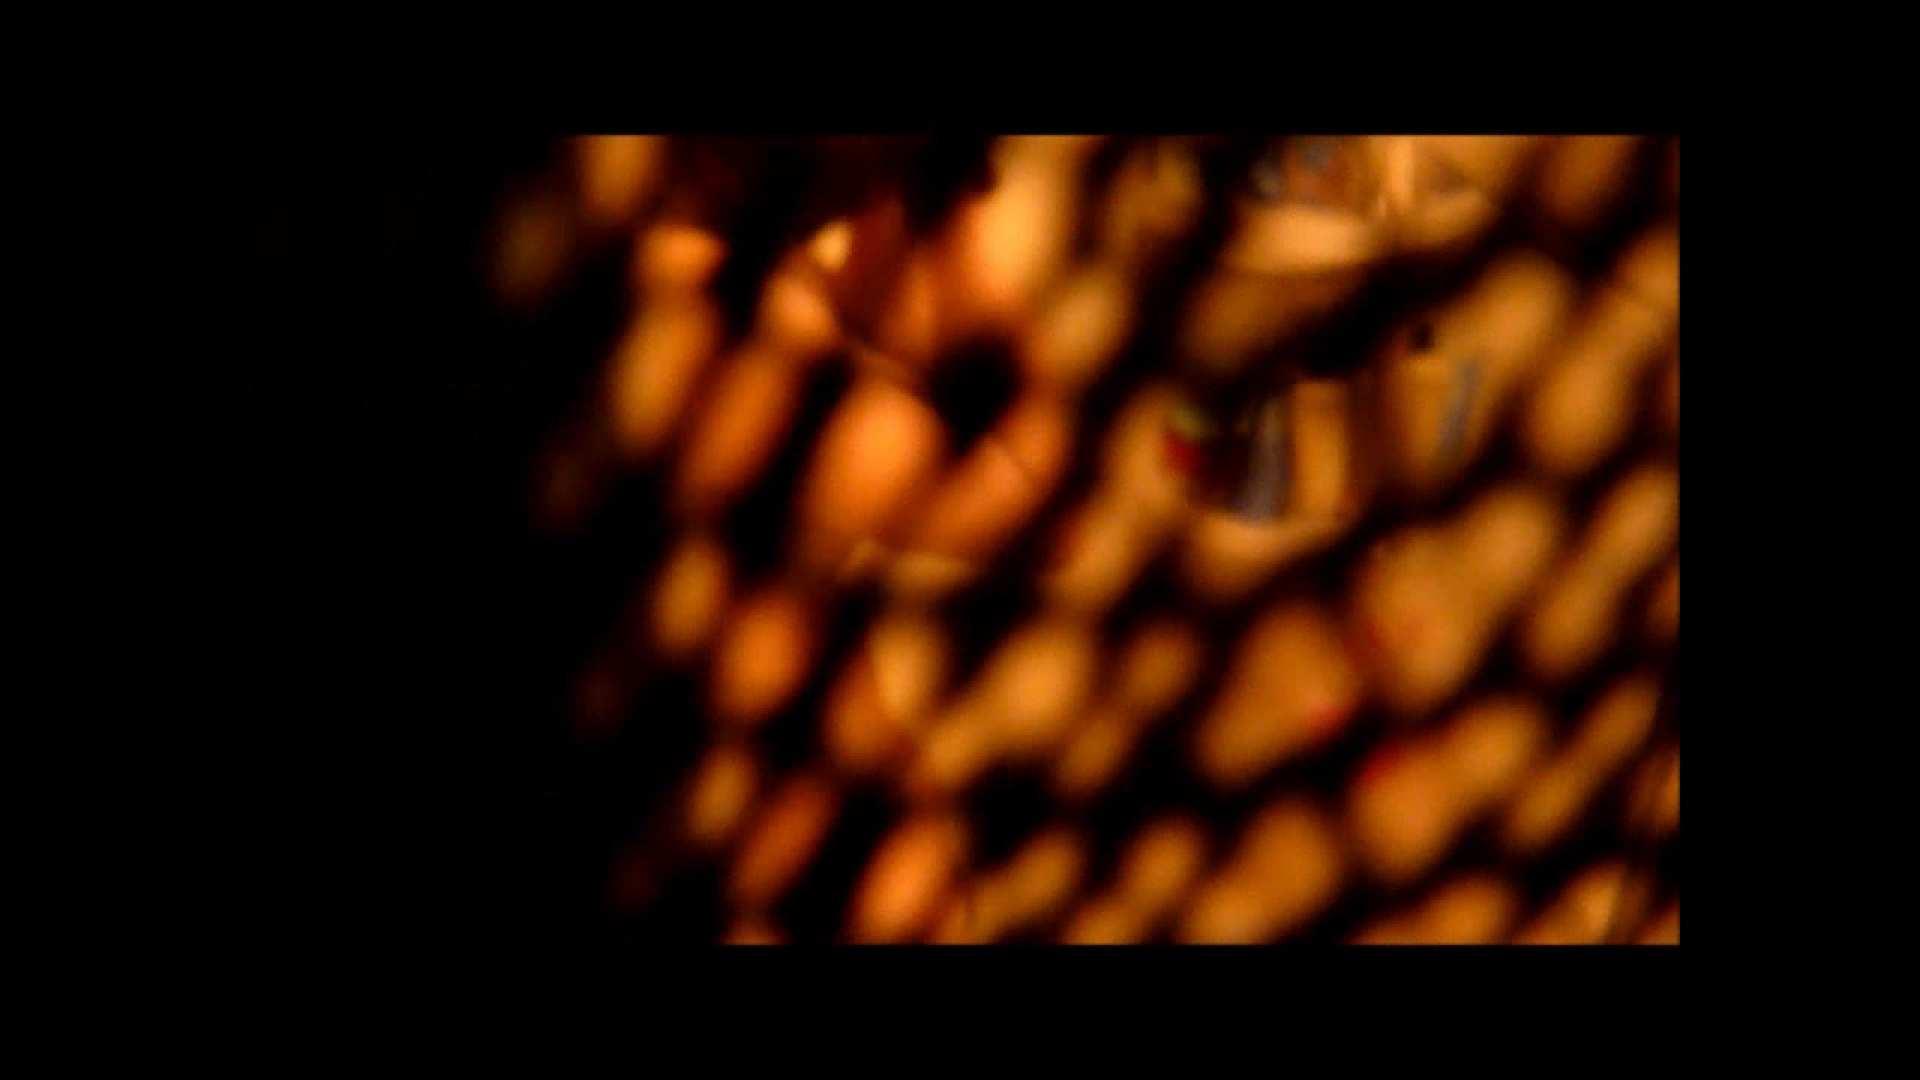 【02】ベランダに侵入して張り込みを始めて・・・やっと結果が出ました。 マンコ・ムレムレ スケベ動画紹介 79pic 8